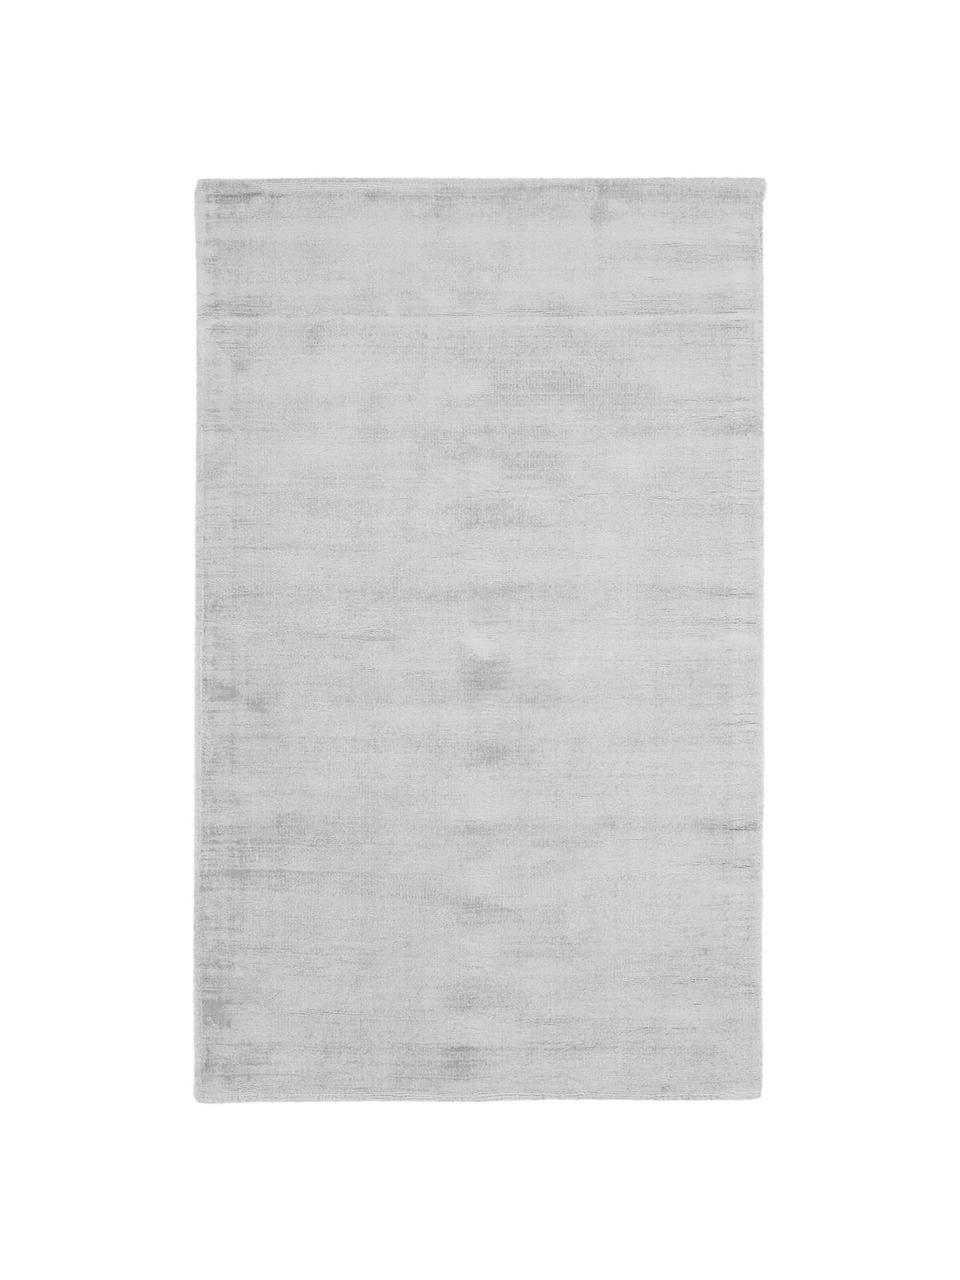 Tappeto in viscosa color grigio argento tessuto a mano Jane, Retro: 100% cotone, Grigio argento, Larg. 160 x Lung. 230 cm  (taglia M)